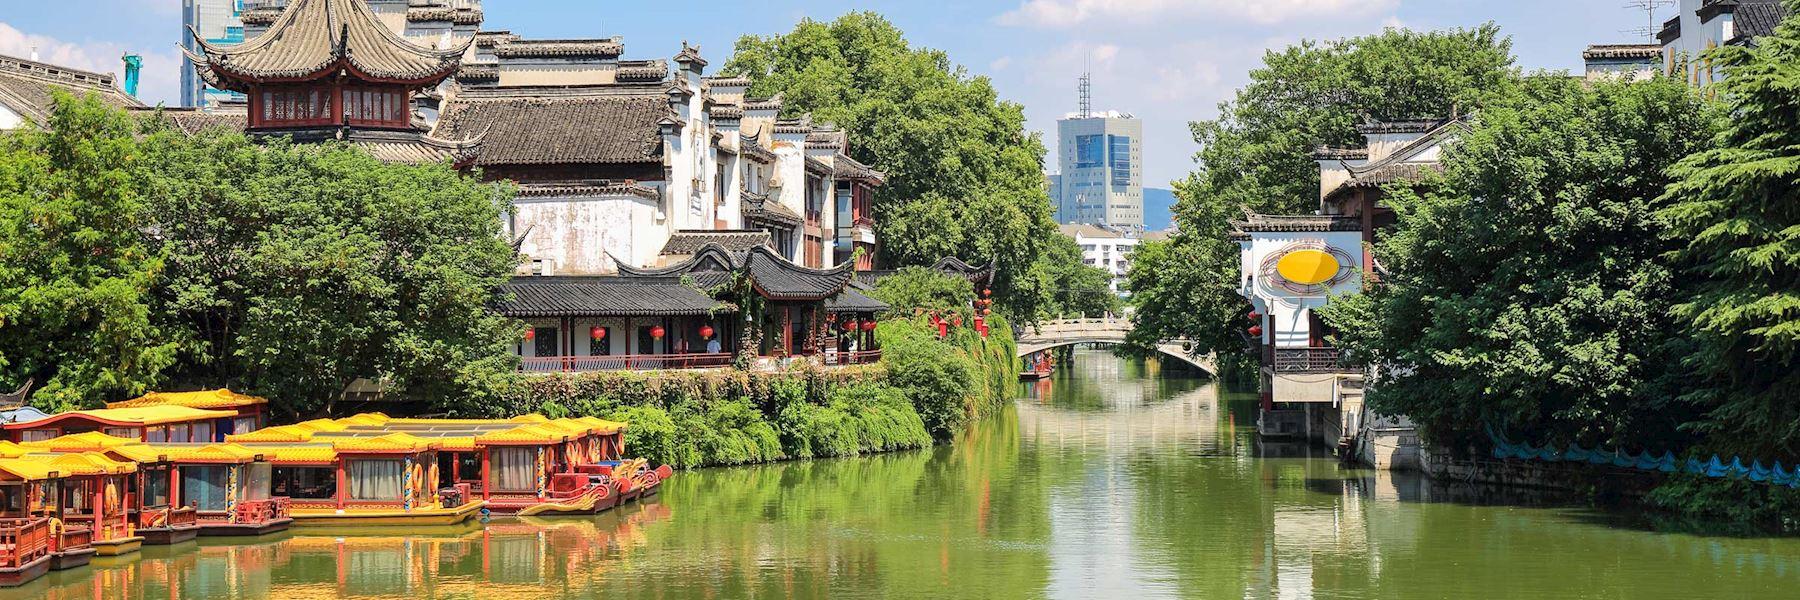 Visit Nanjing, China